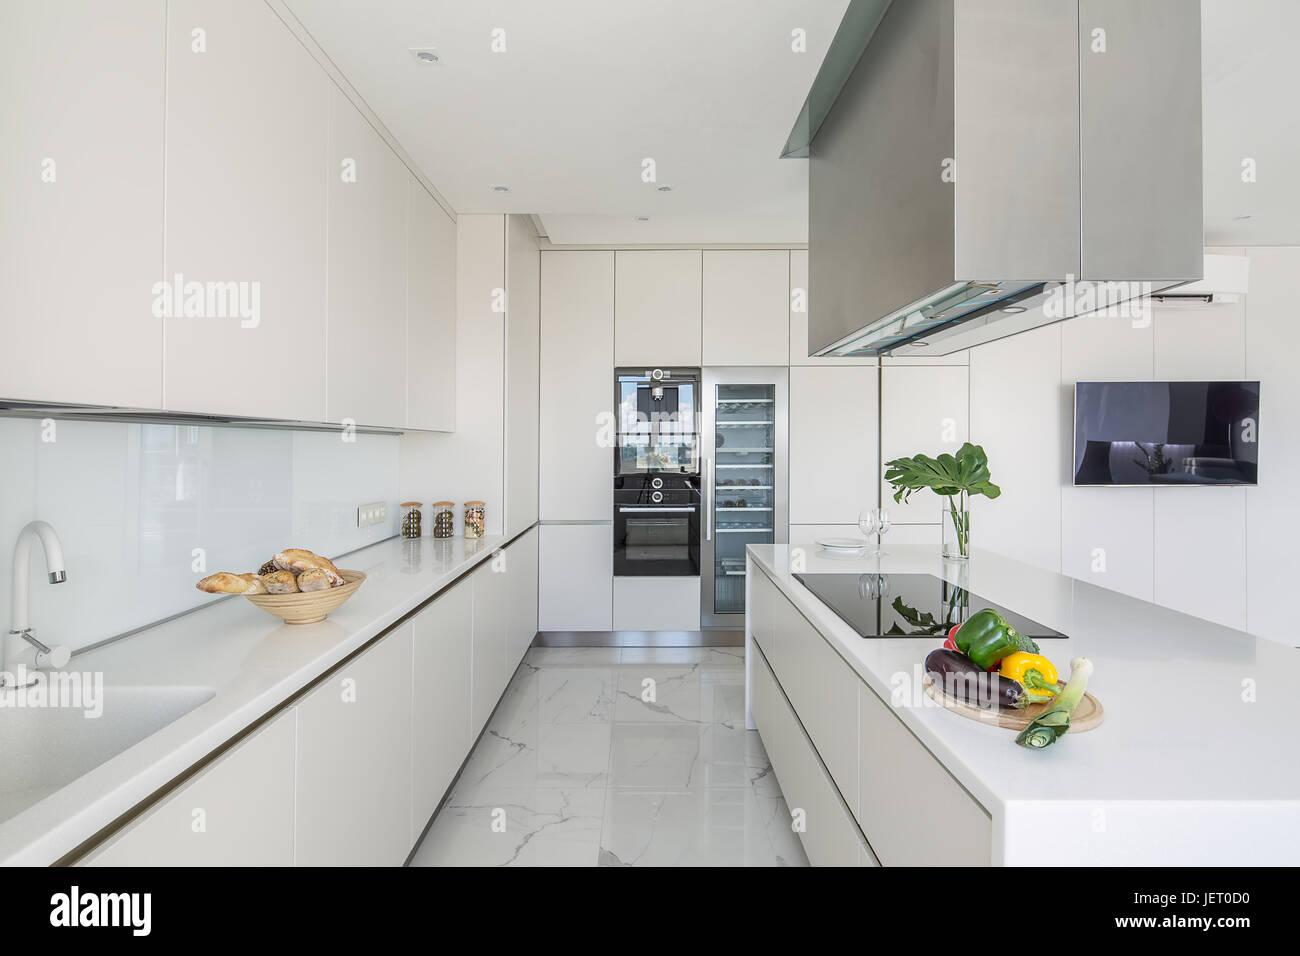 Elegante cucina bianco con pavimento in piastrelle chiare ci sono